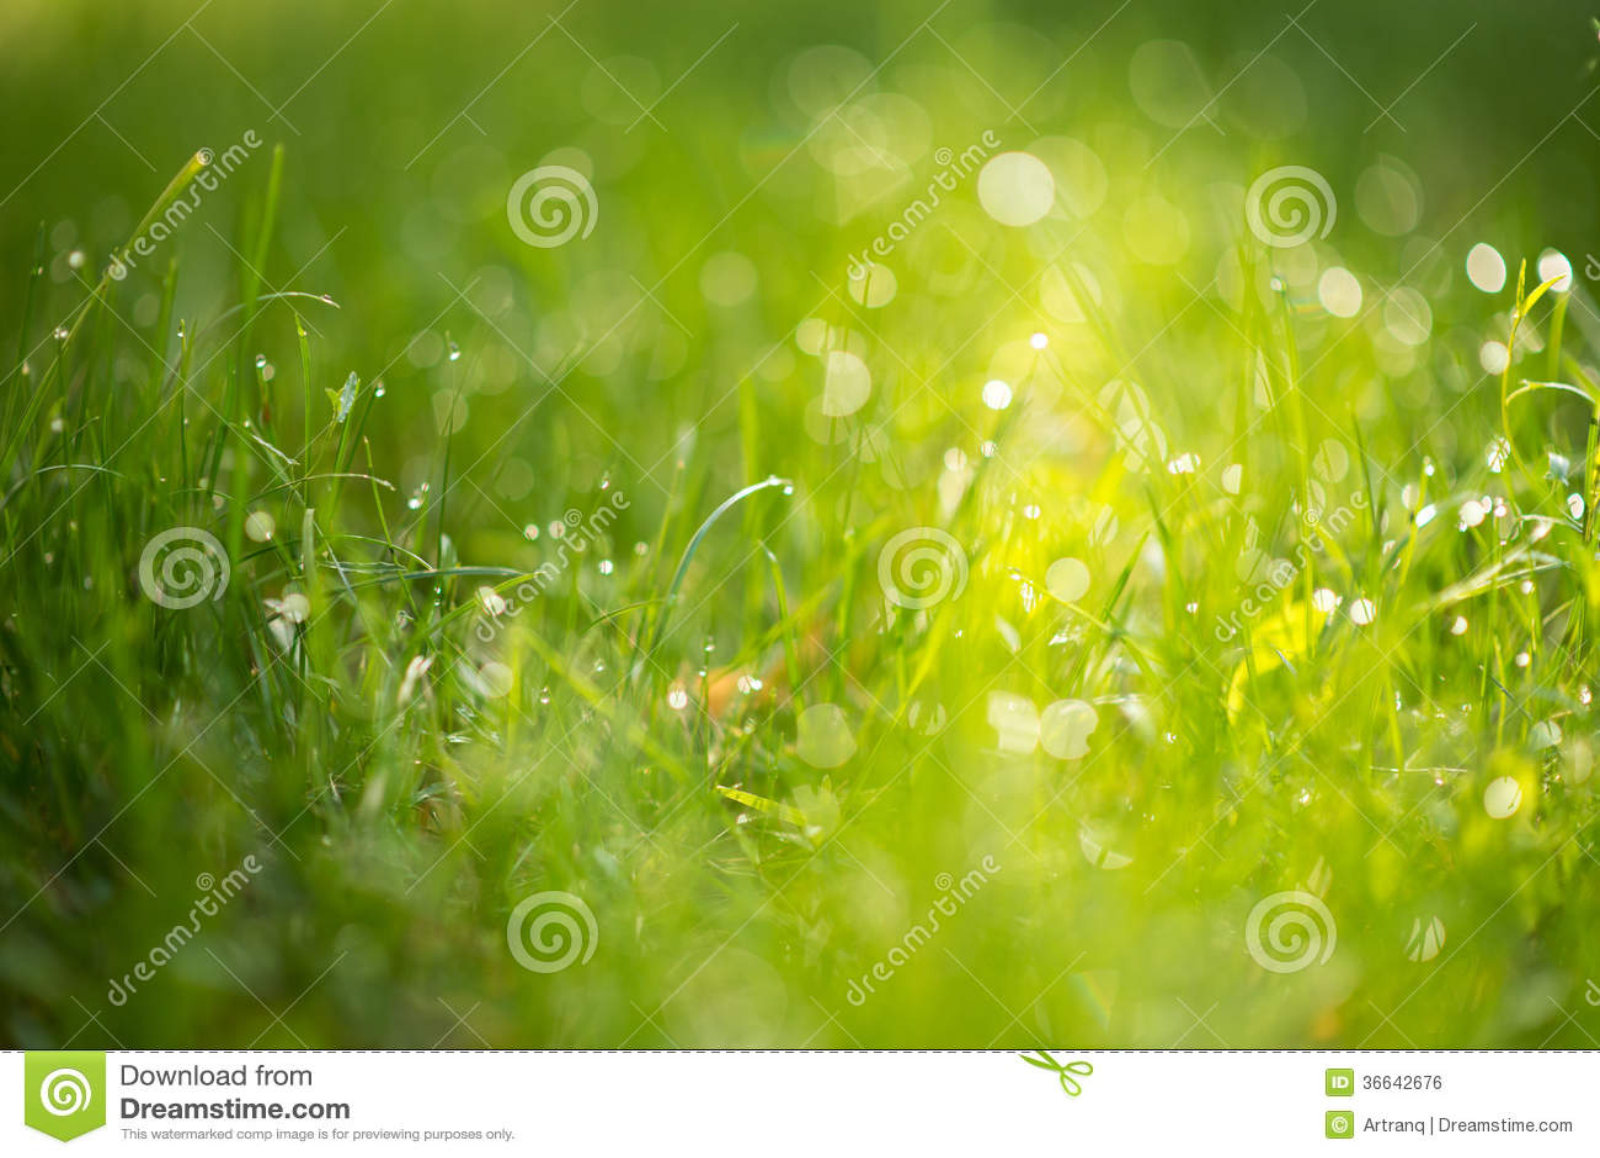 Herbe verte avec la rosée à la lumière du soleil